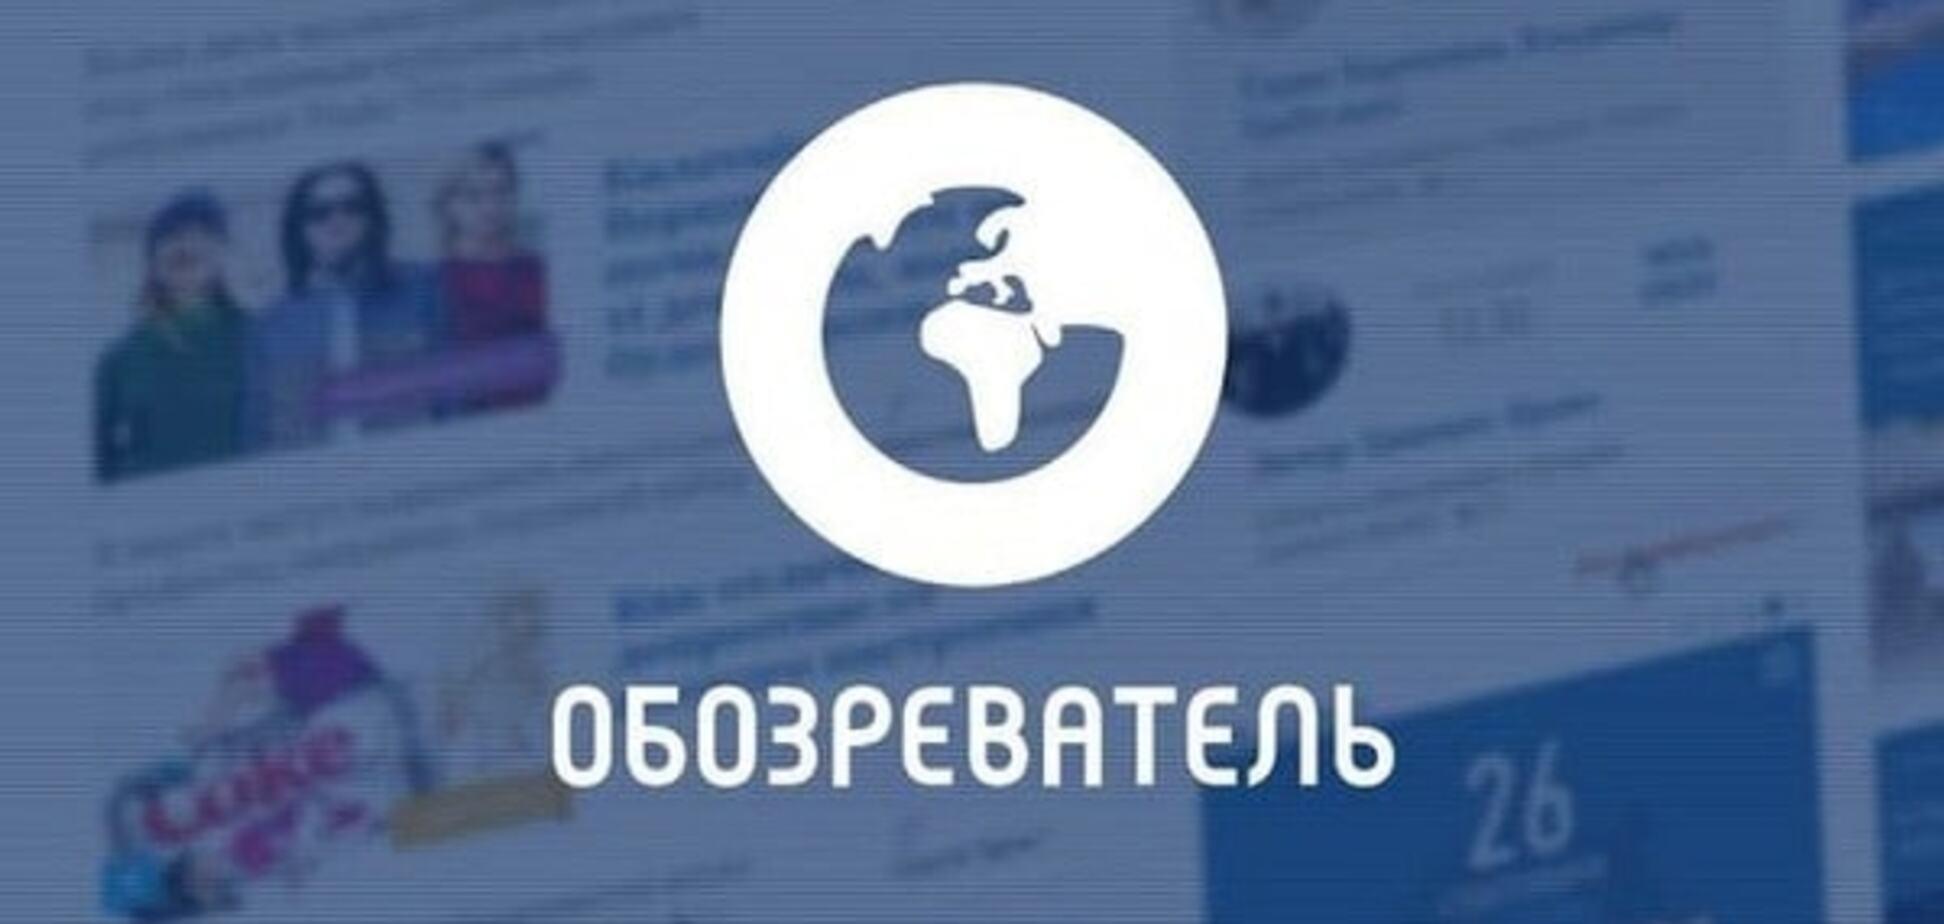 Війна України з Росією: (не)надійний тил